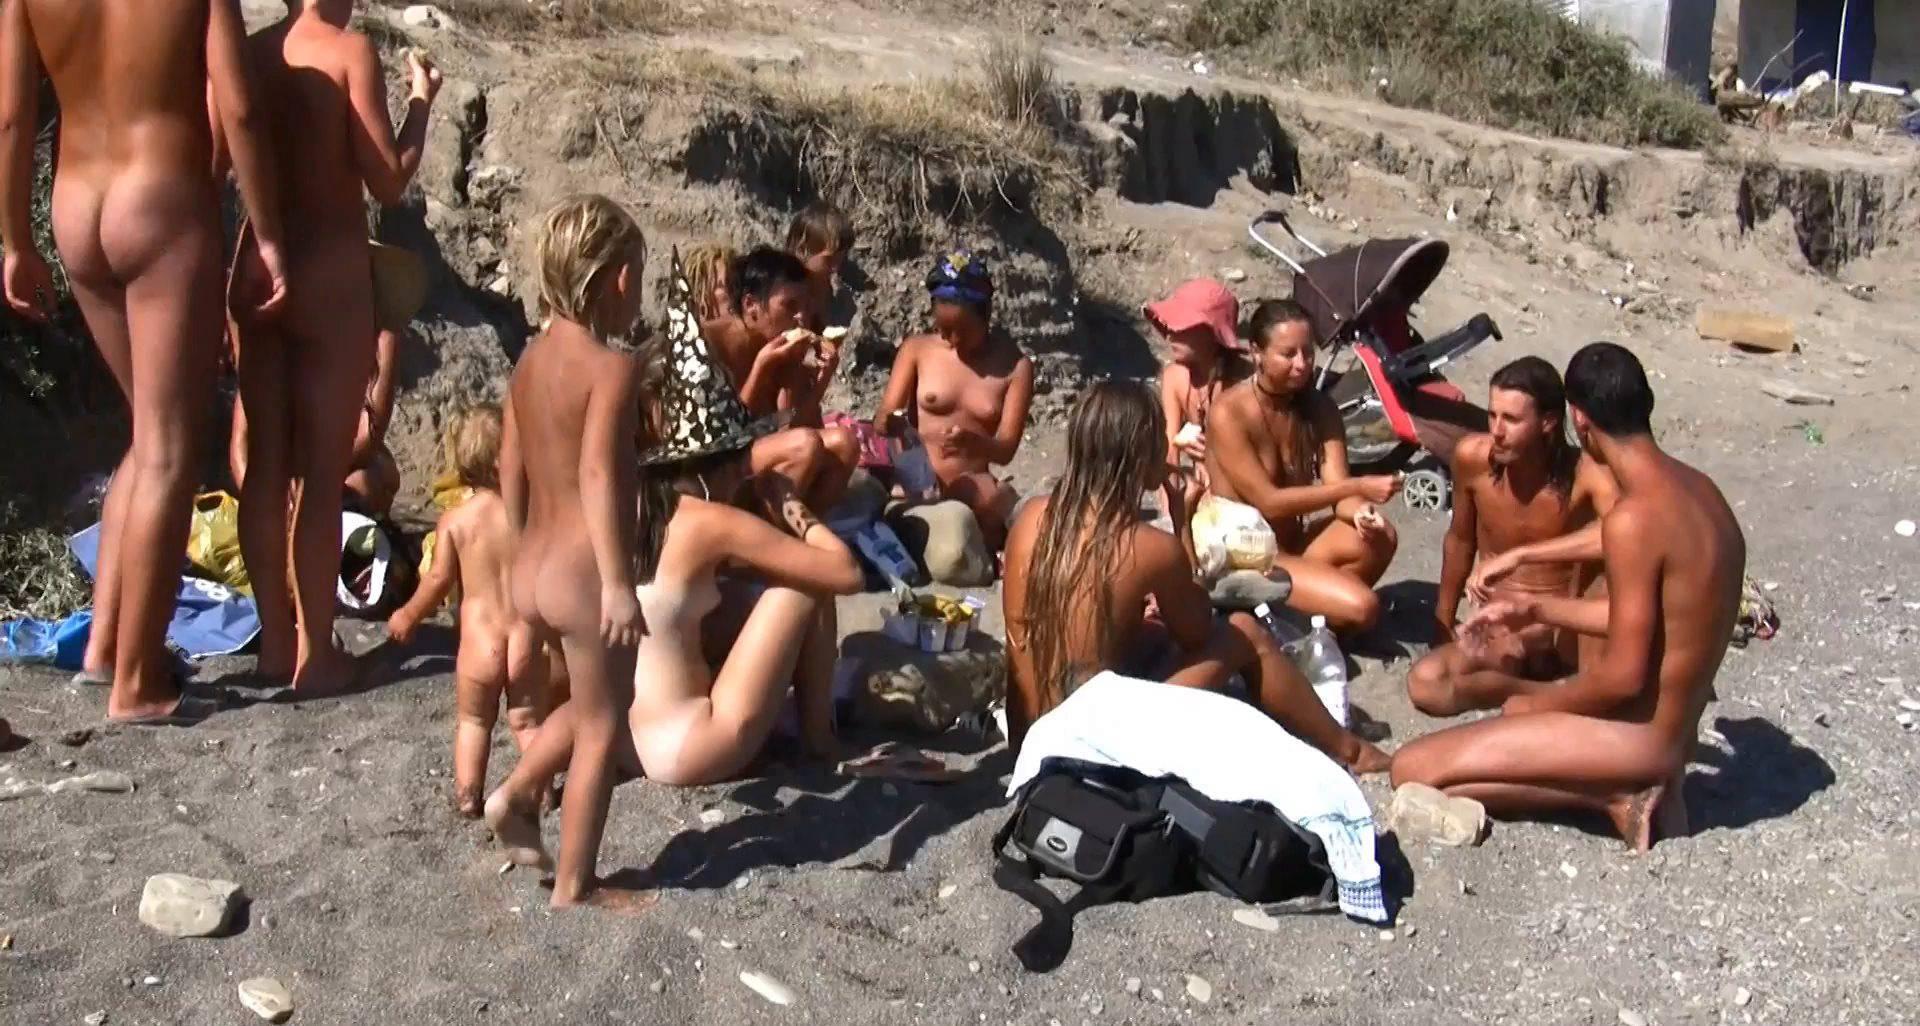 Nudist Movies The Vast Oceanfront - 1